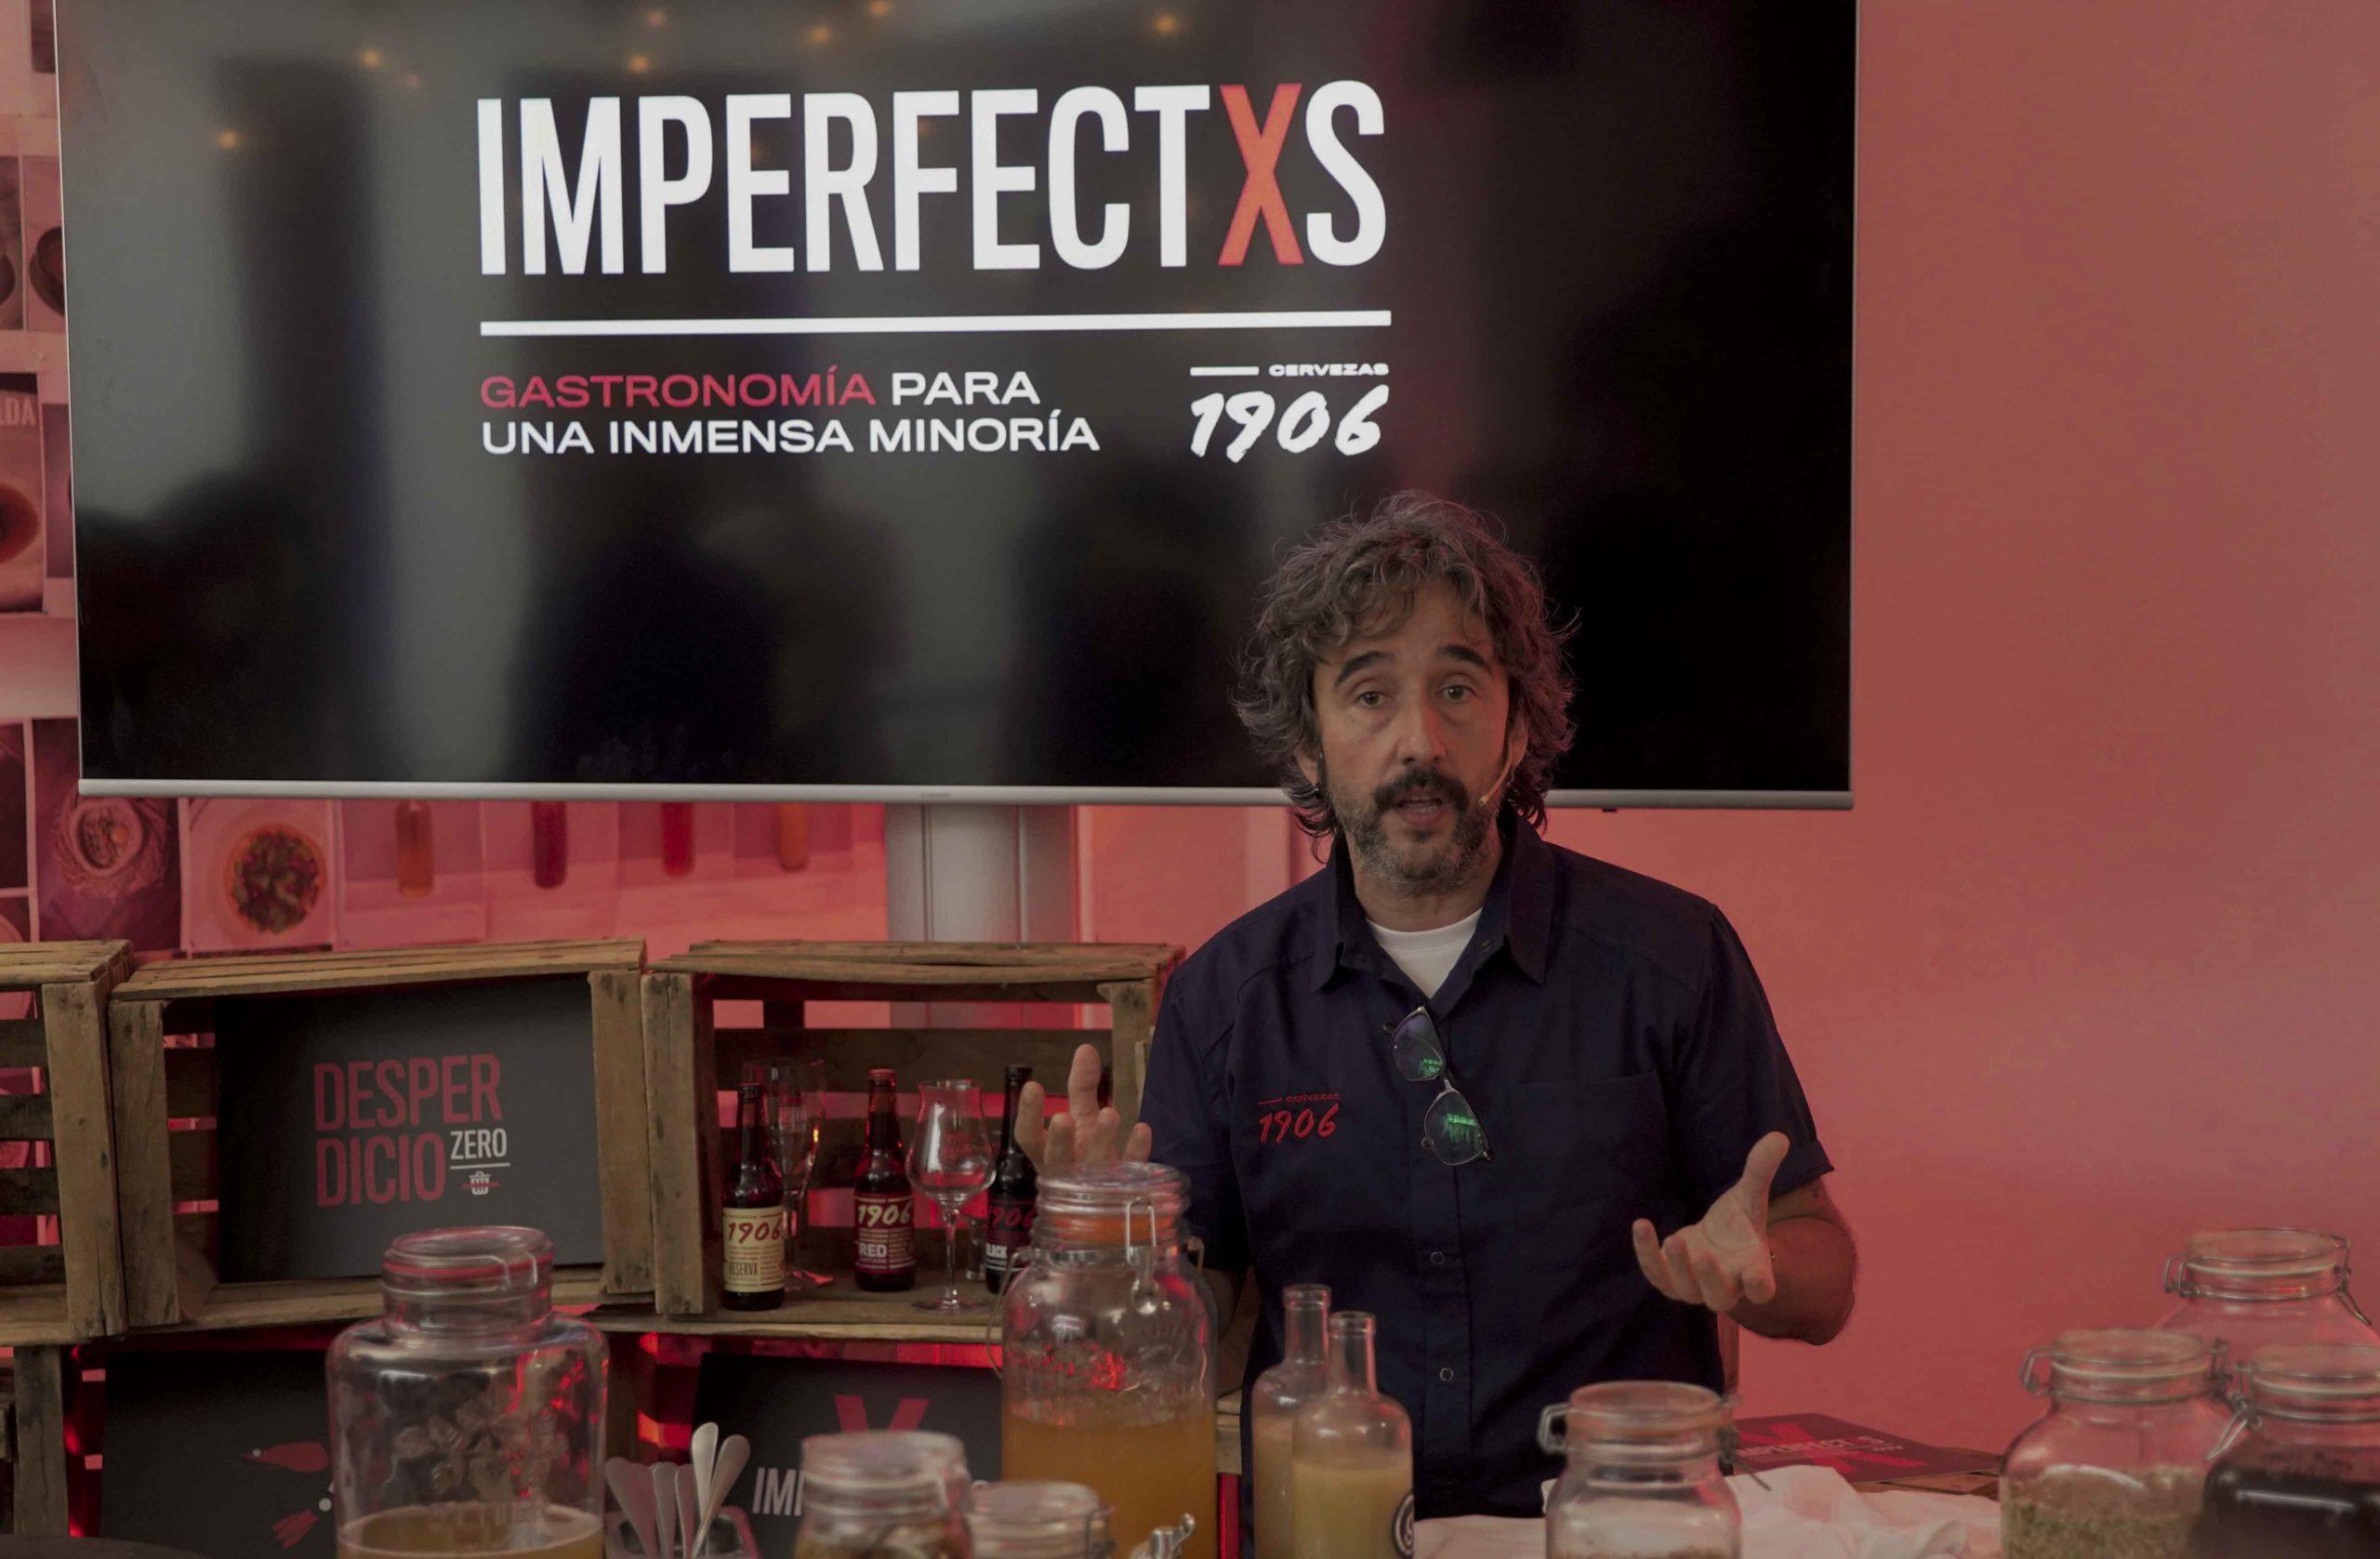 Cervezas 1906 crea la comunidad 'Imperfectxs', que divulgará la gastronomía de la mano de grandes chefs